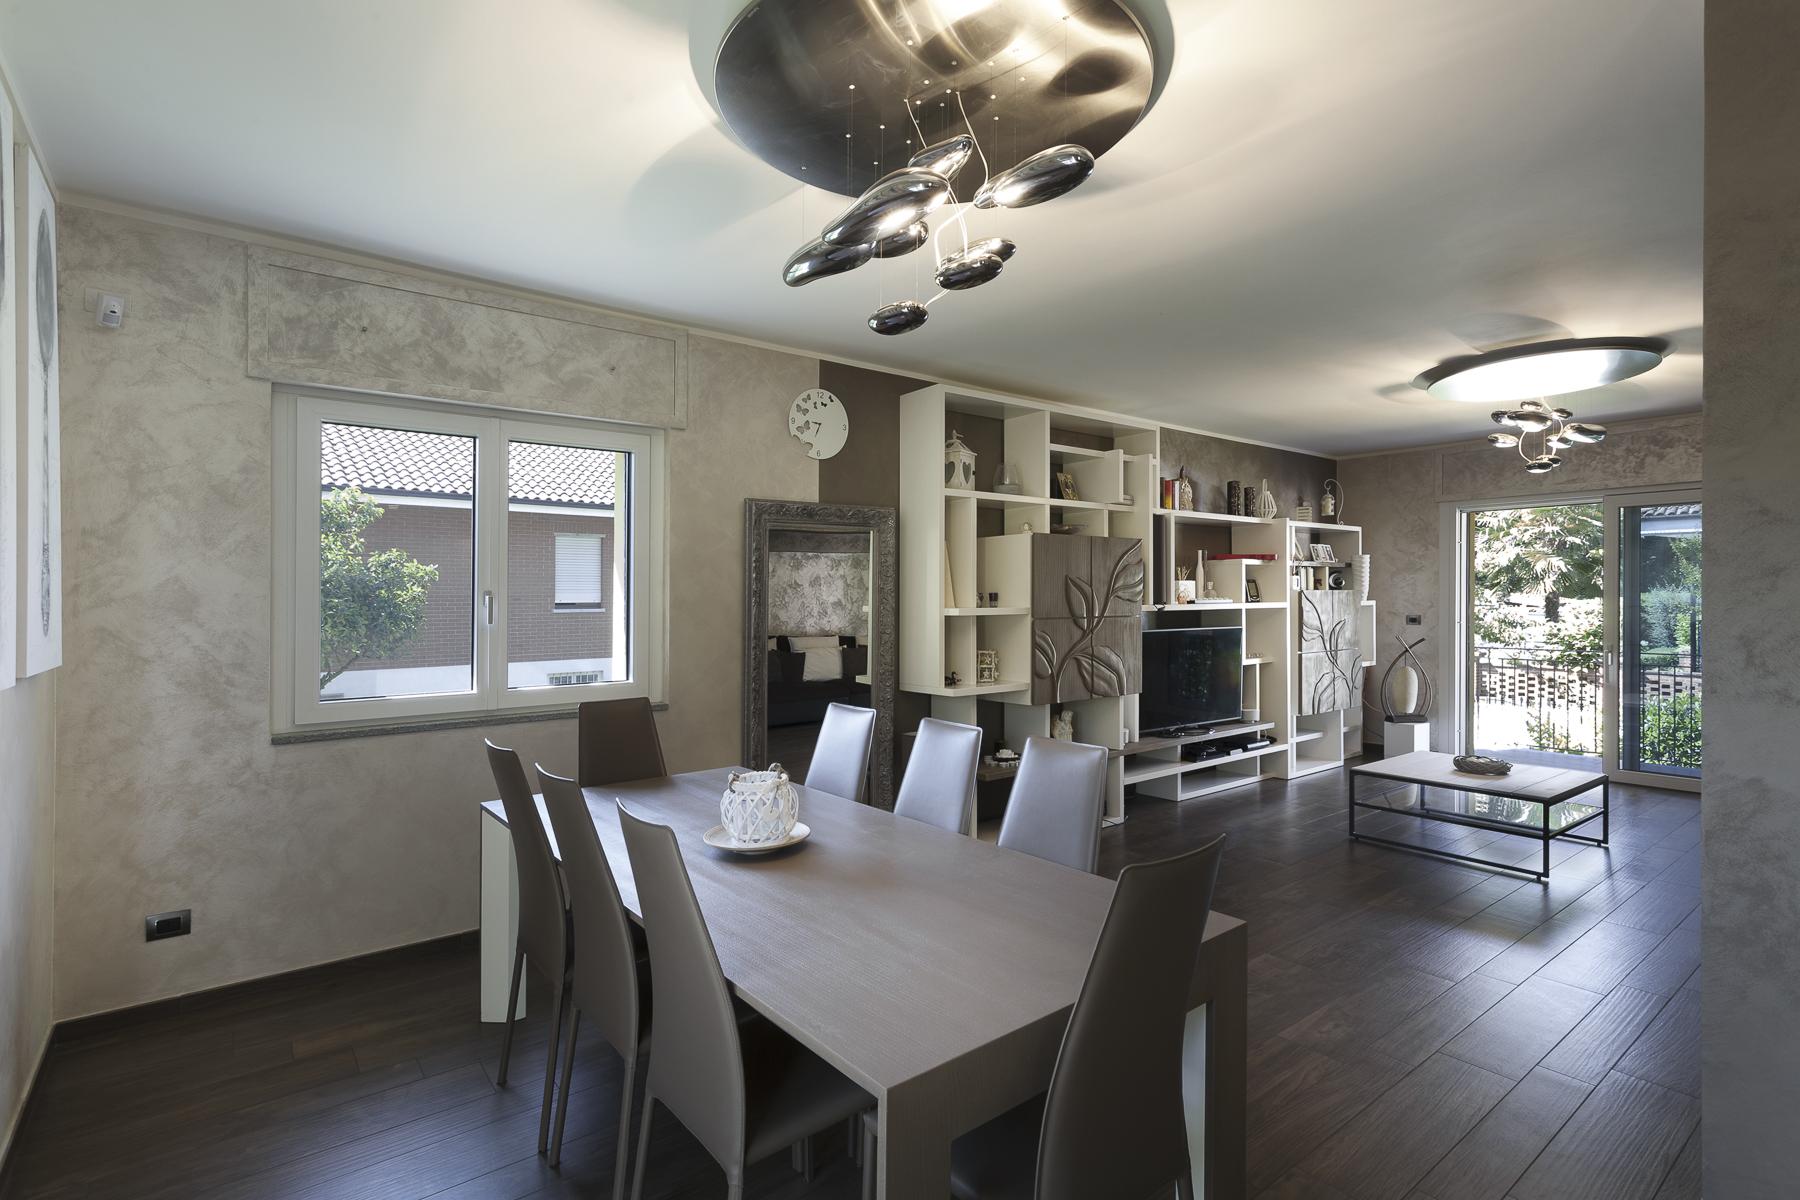 Casa indipendente in Vendita a Moncalieri: 5 locali, 250 mq - Foto 3